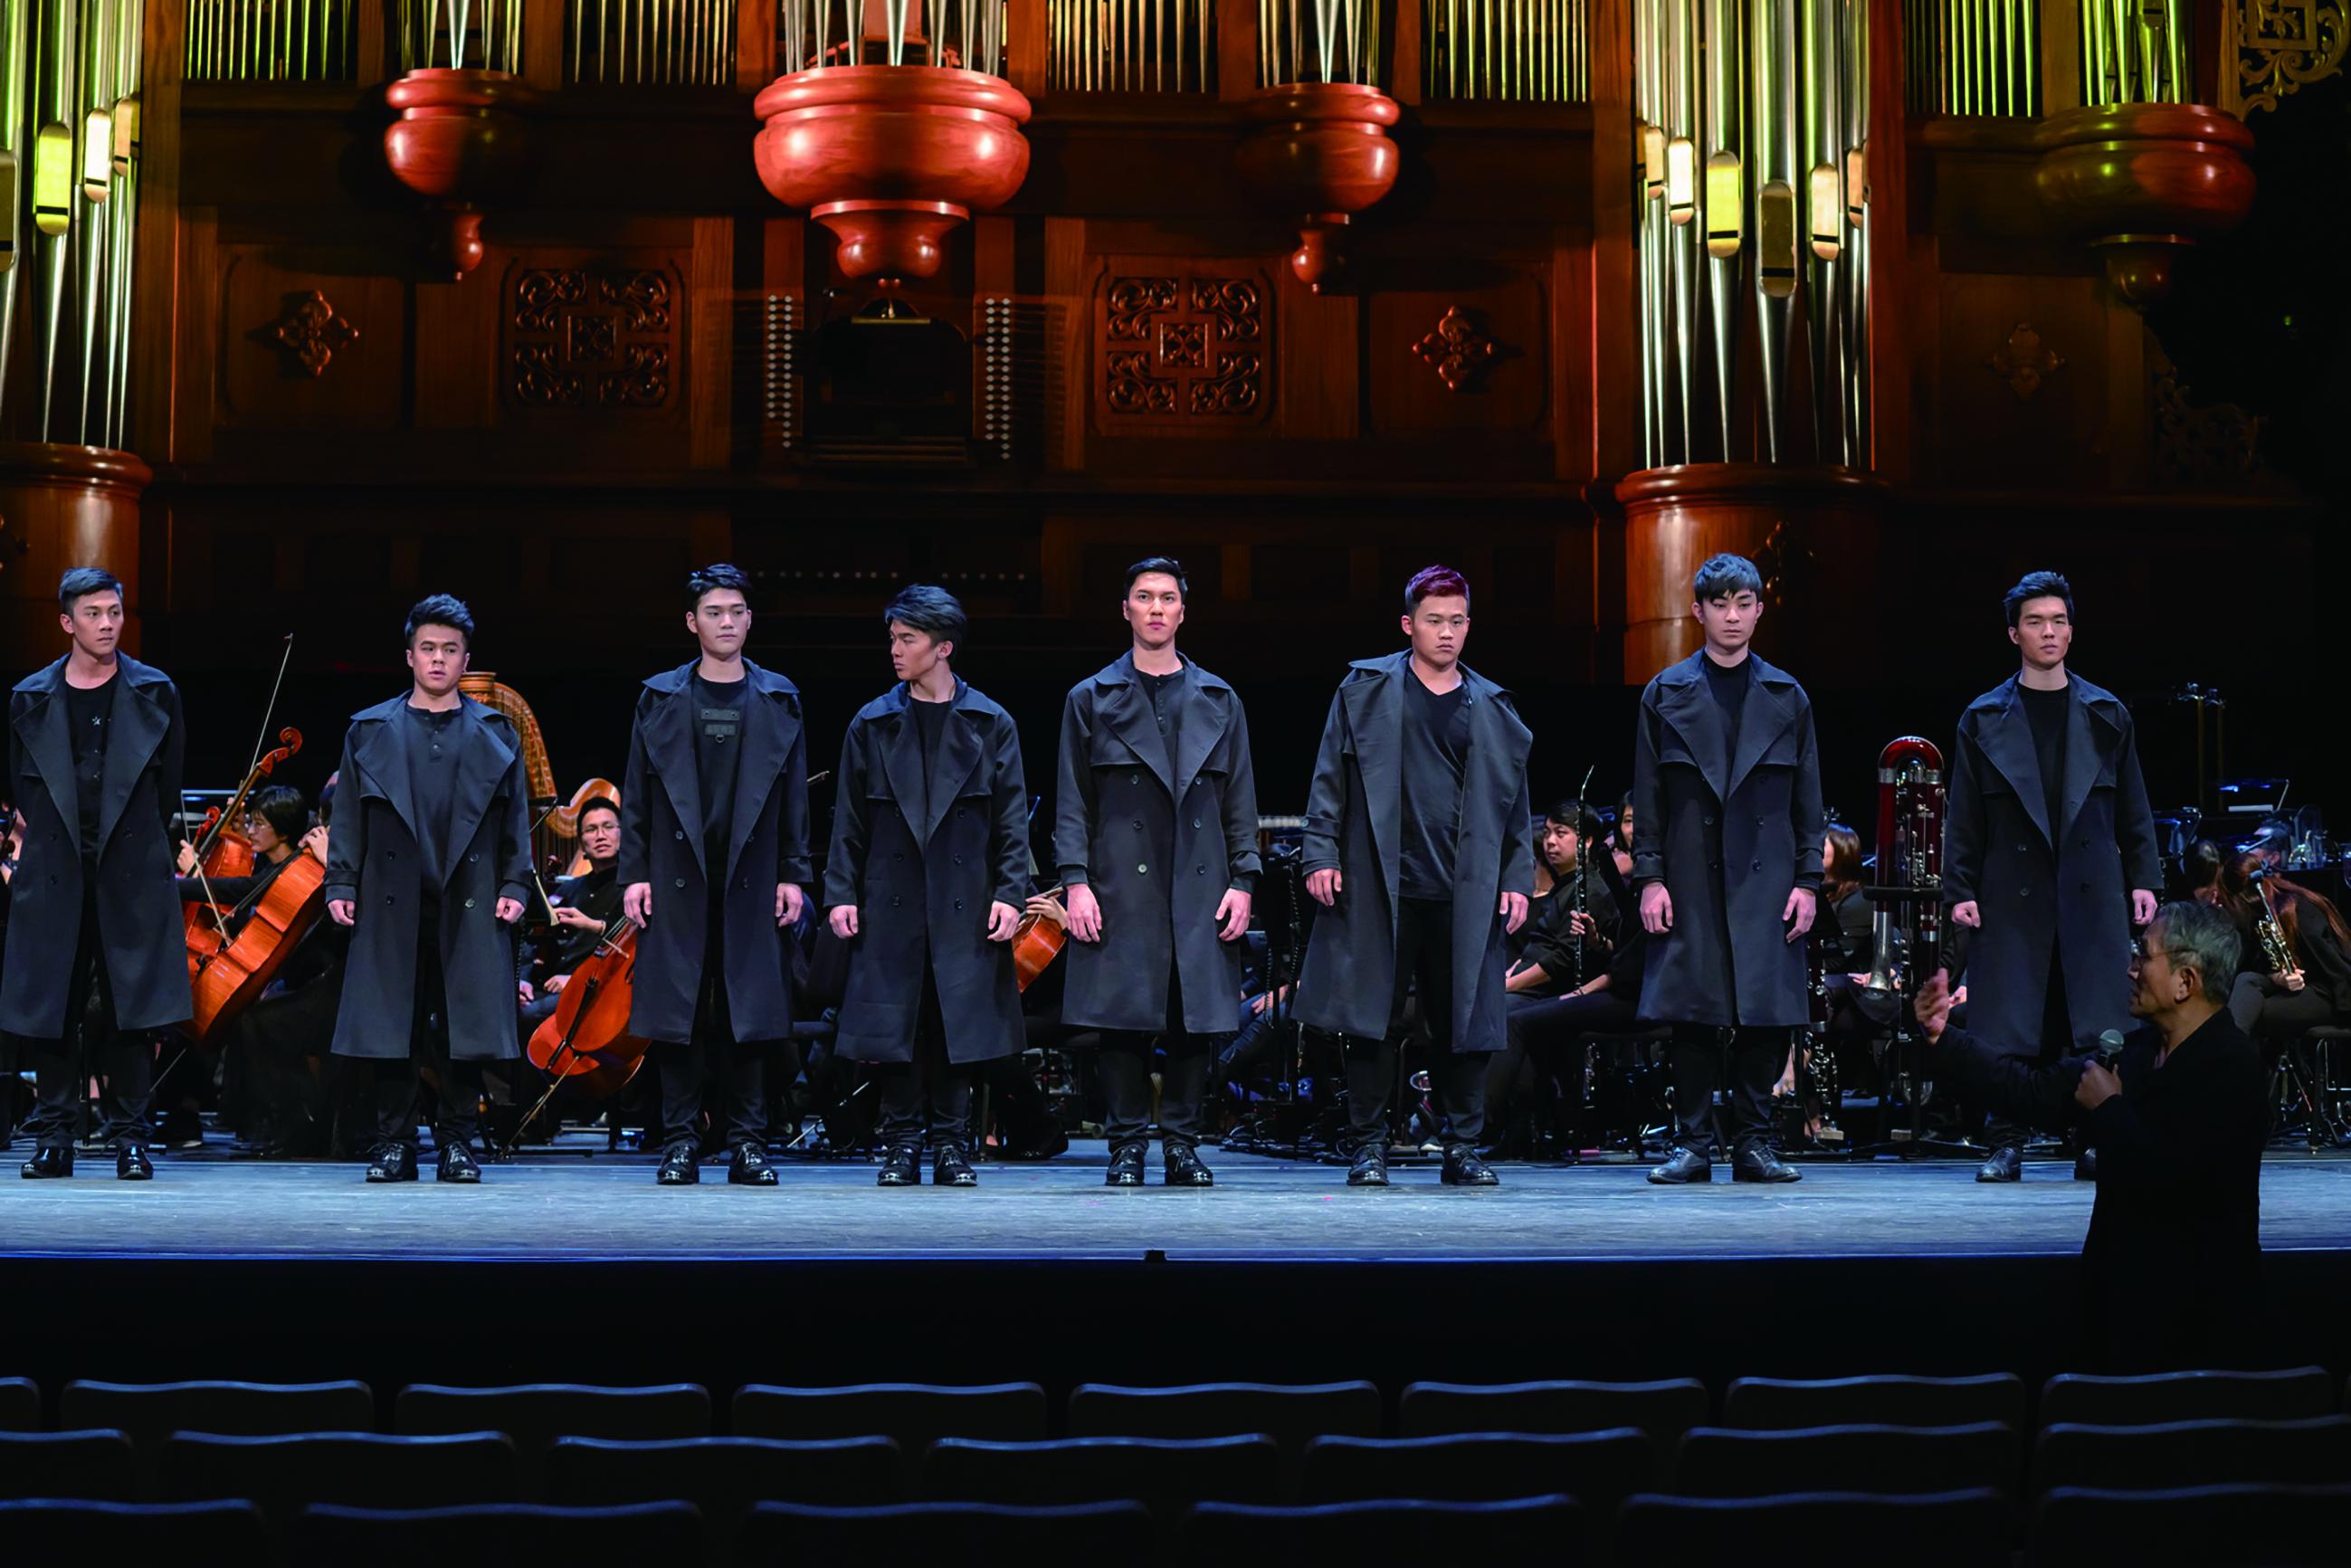 舞臺上位隨從包括京劇學系、民俗技藝學系、歌仔戲學系、客家戲學系共8位同學參與《托斯卡》演出。他們年輕又帥氣的臺風引起矚目。.jpg